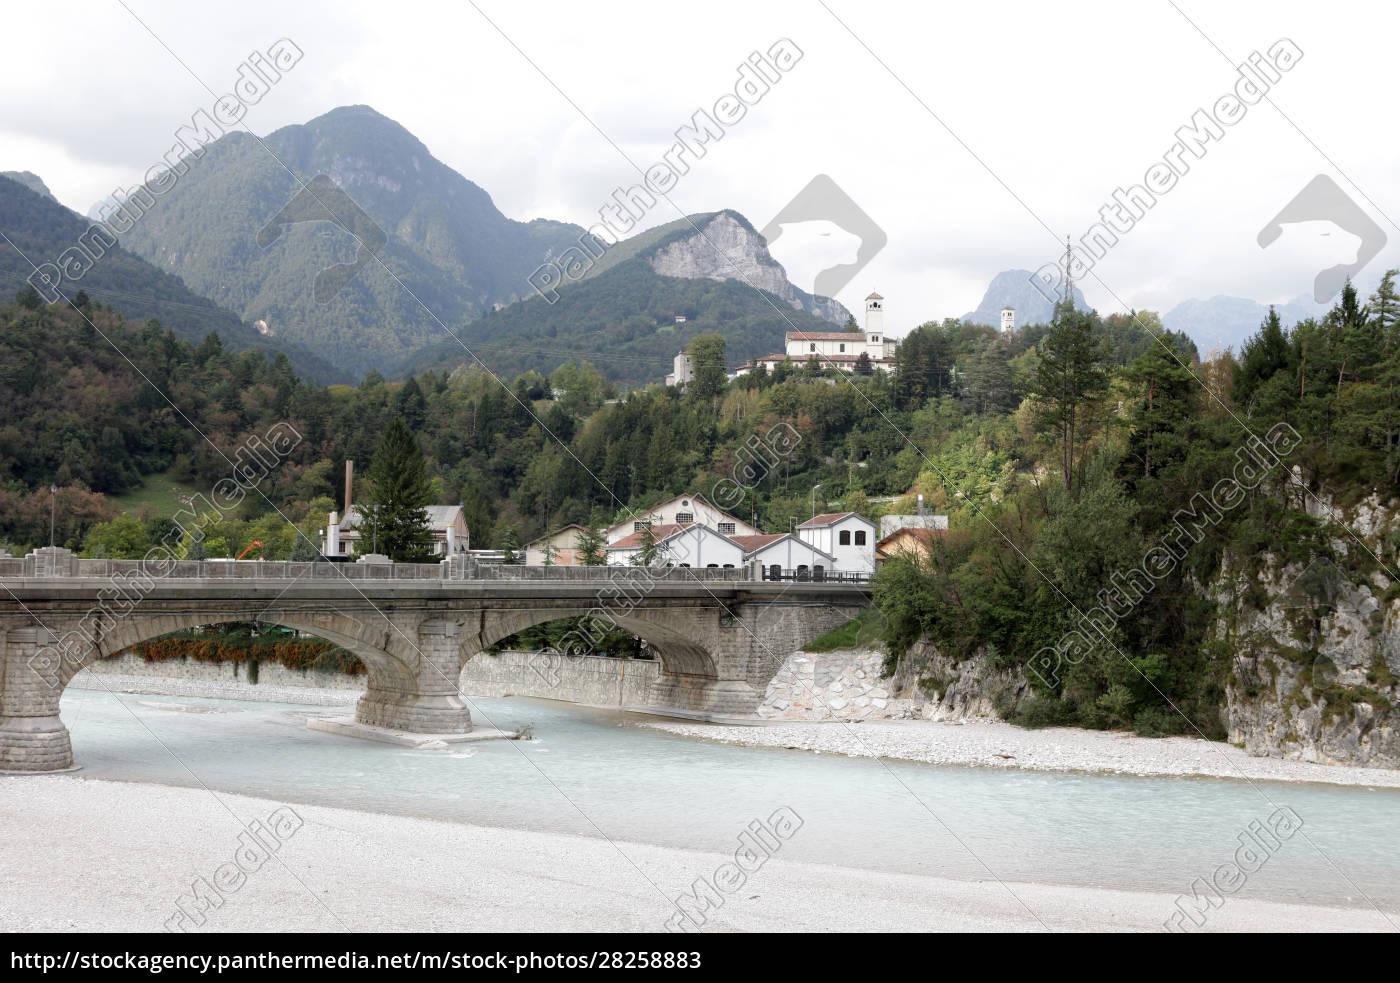 the, bridge, on, the, river, fella - 28258883